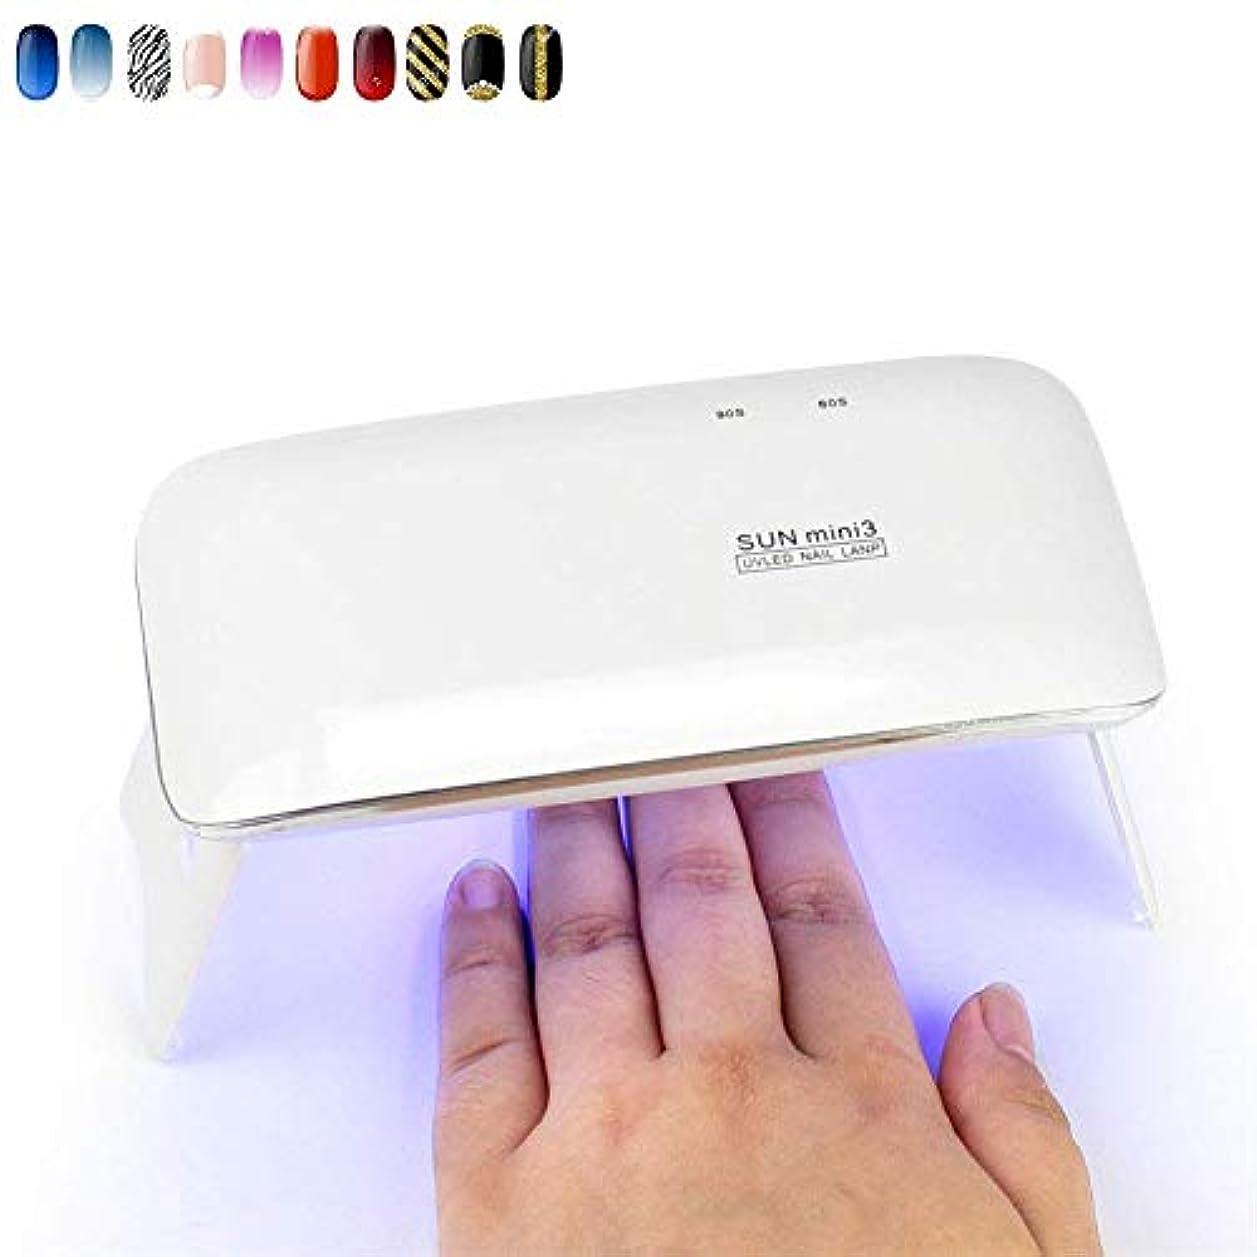 世界の窓医療過誤プレビューネイル用ランプとジェルポリッシュランプLEDミニネイルスタッドライト6W USB充電ネイルドライヤー高速硬化ジェルワニス